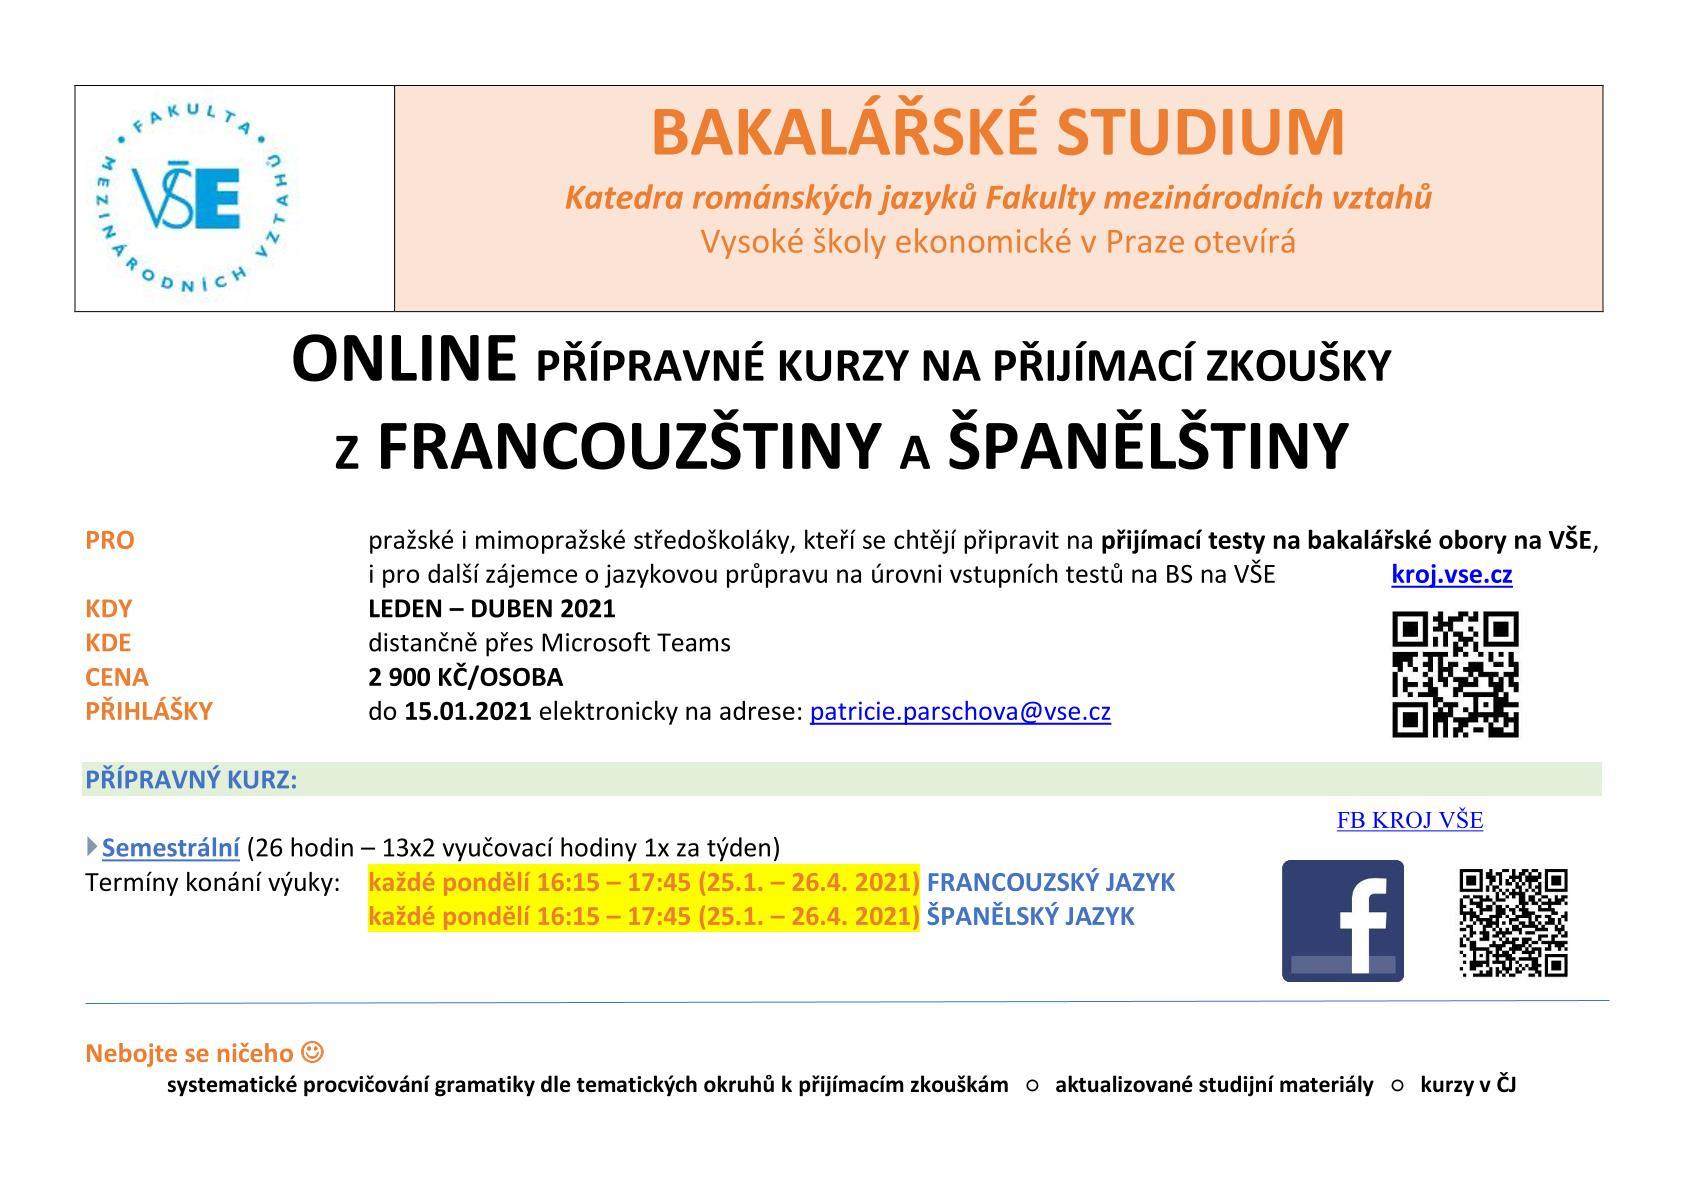 Posunut termín přihlášek pro přípravné kurzy na přijímací zkoušky z francouzštiny a španělštiny